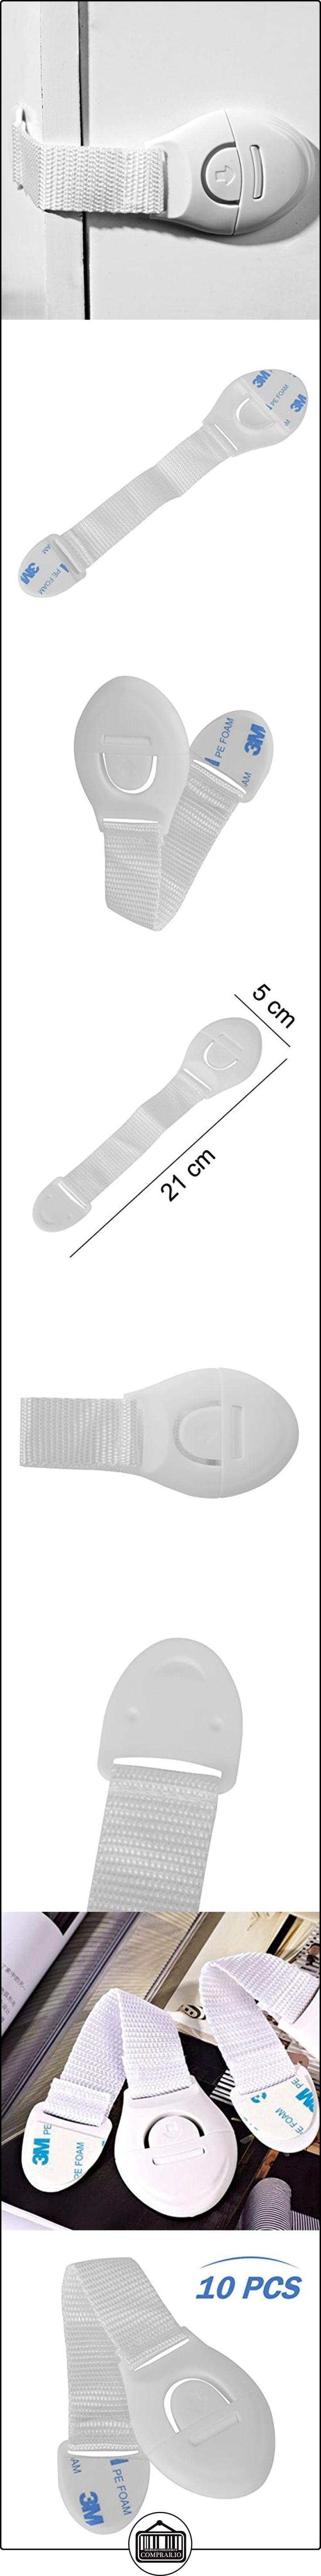 magiin bebé Cerraduras de Seguridad Correas para armario frigorífico cajón para inodoro sin necesidad de agujeros juego de 10  ✿ Seguridad para tu bebé - (Protege a tus hijos) ✿ ▬► Ver oferta: http://comprar.io/goto/B01LENP4LG